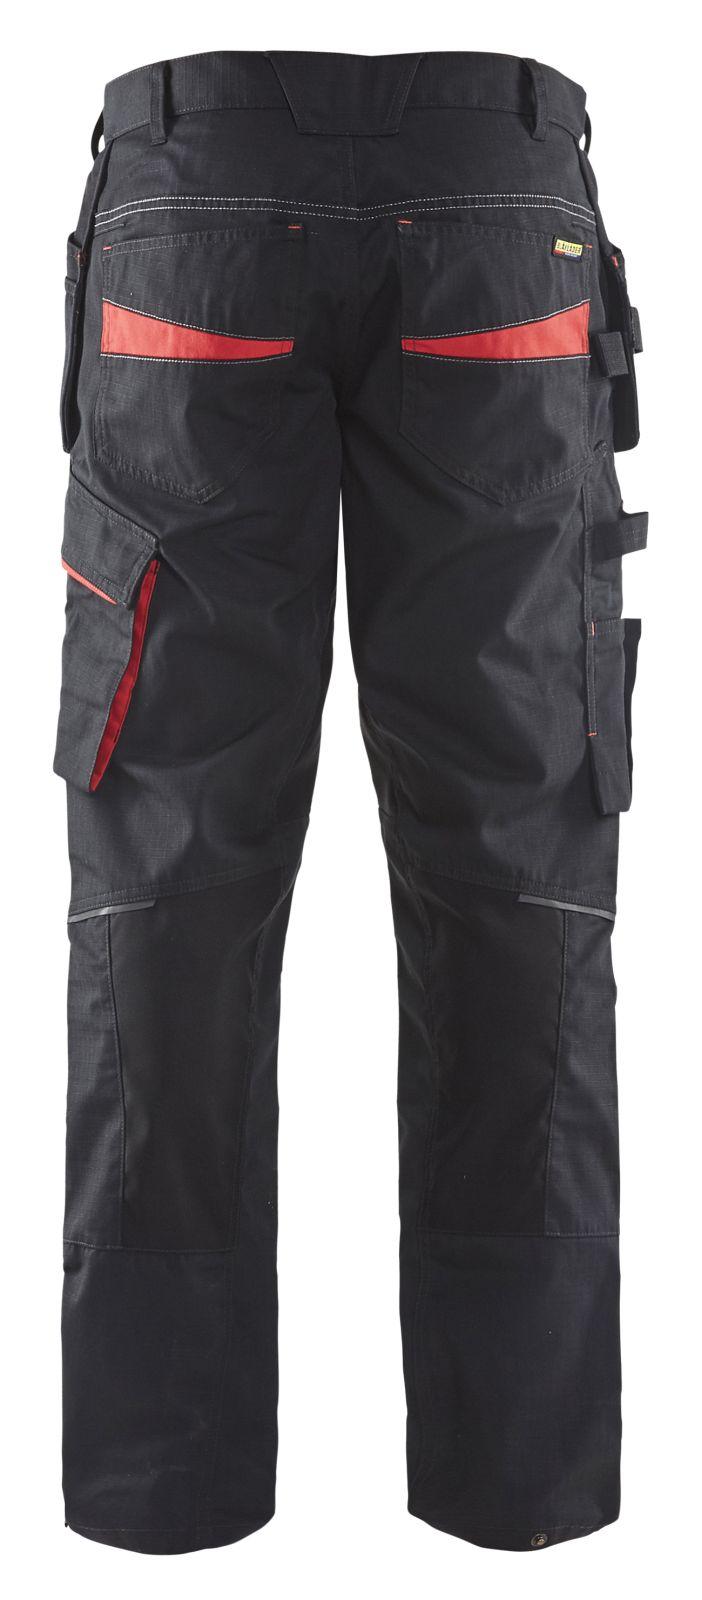 Blaklader Werkbroeken 14961330 zwart-rood(9956)